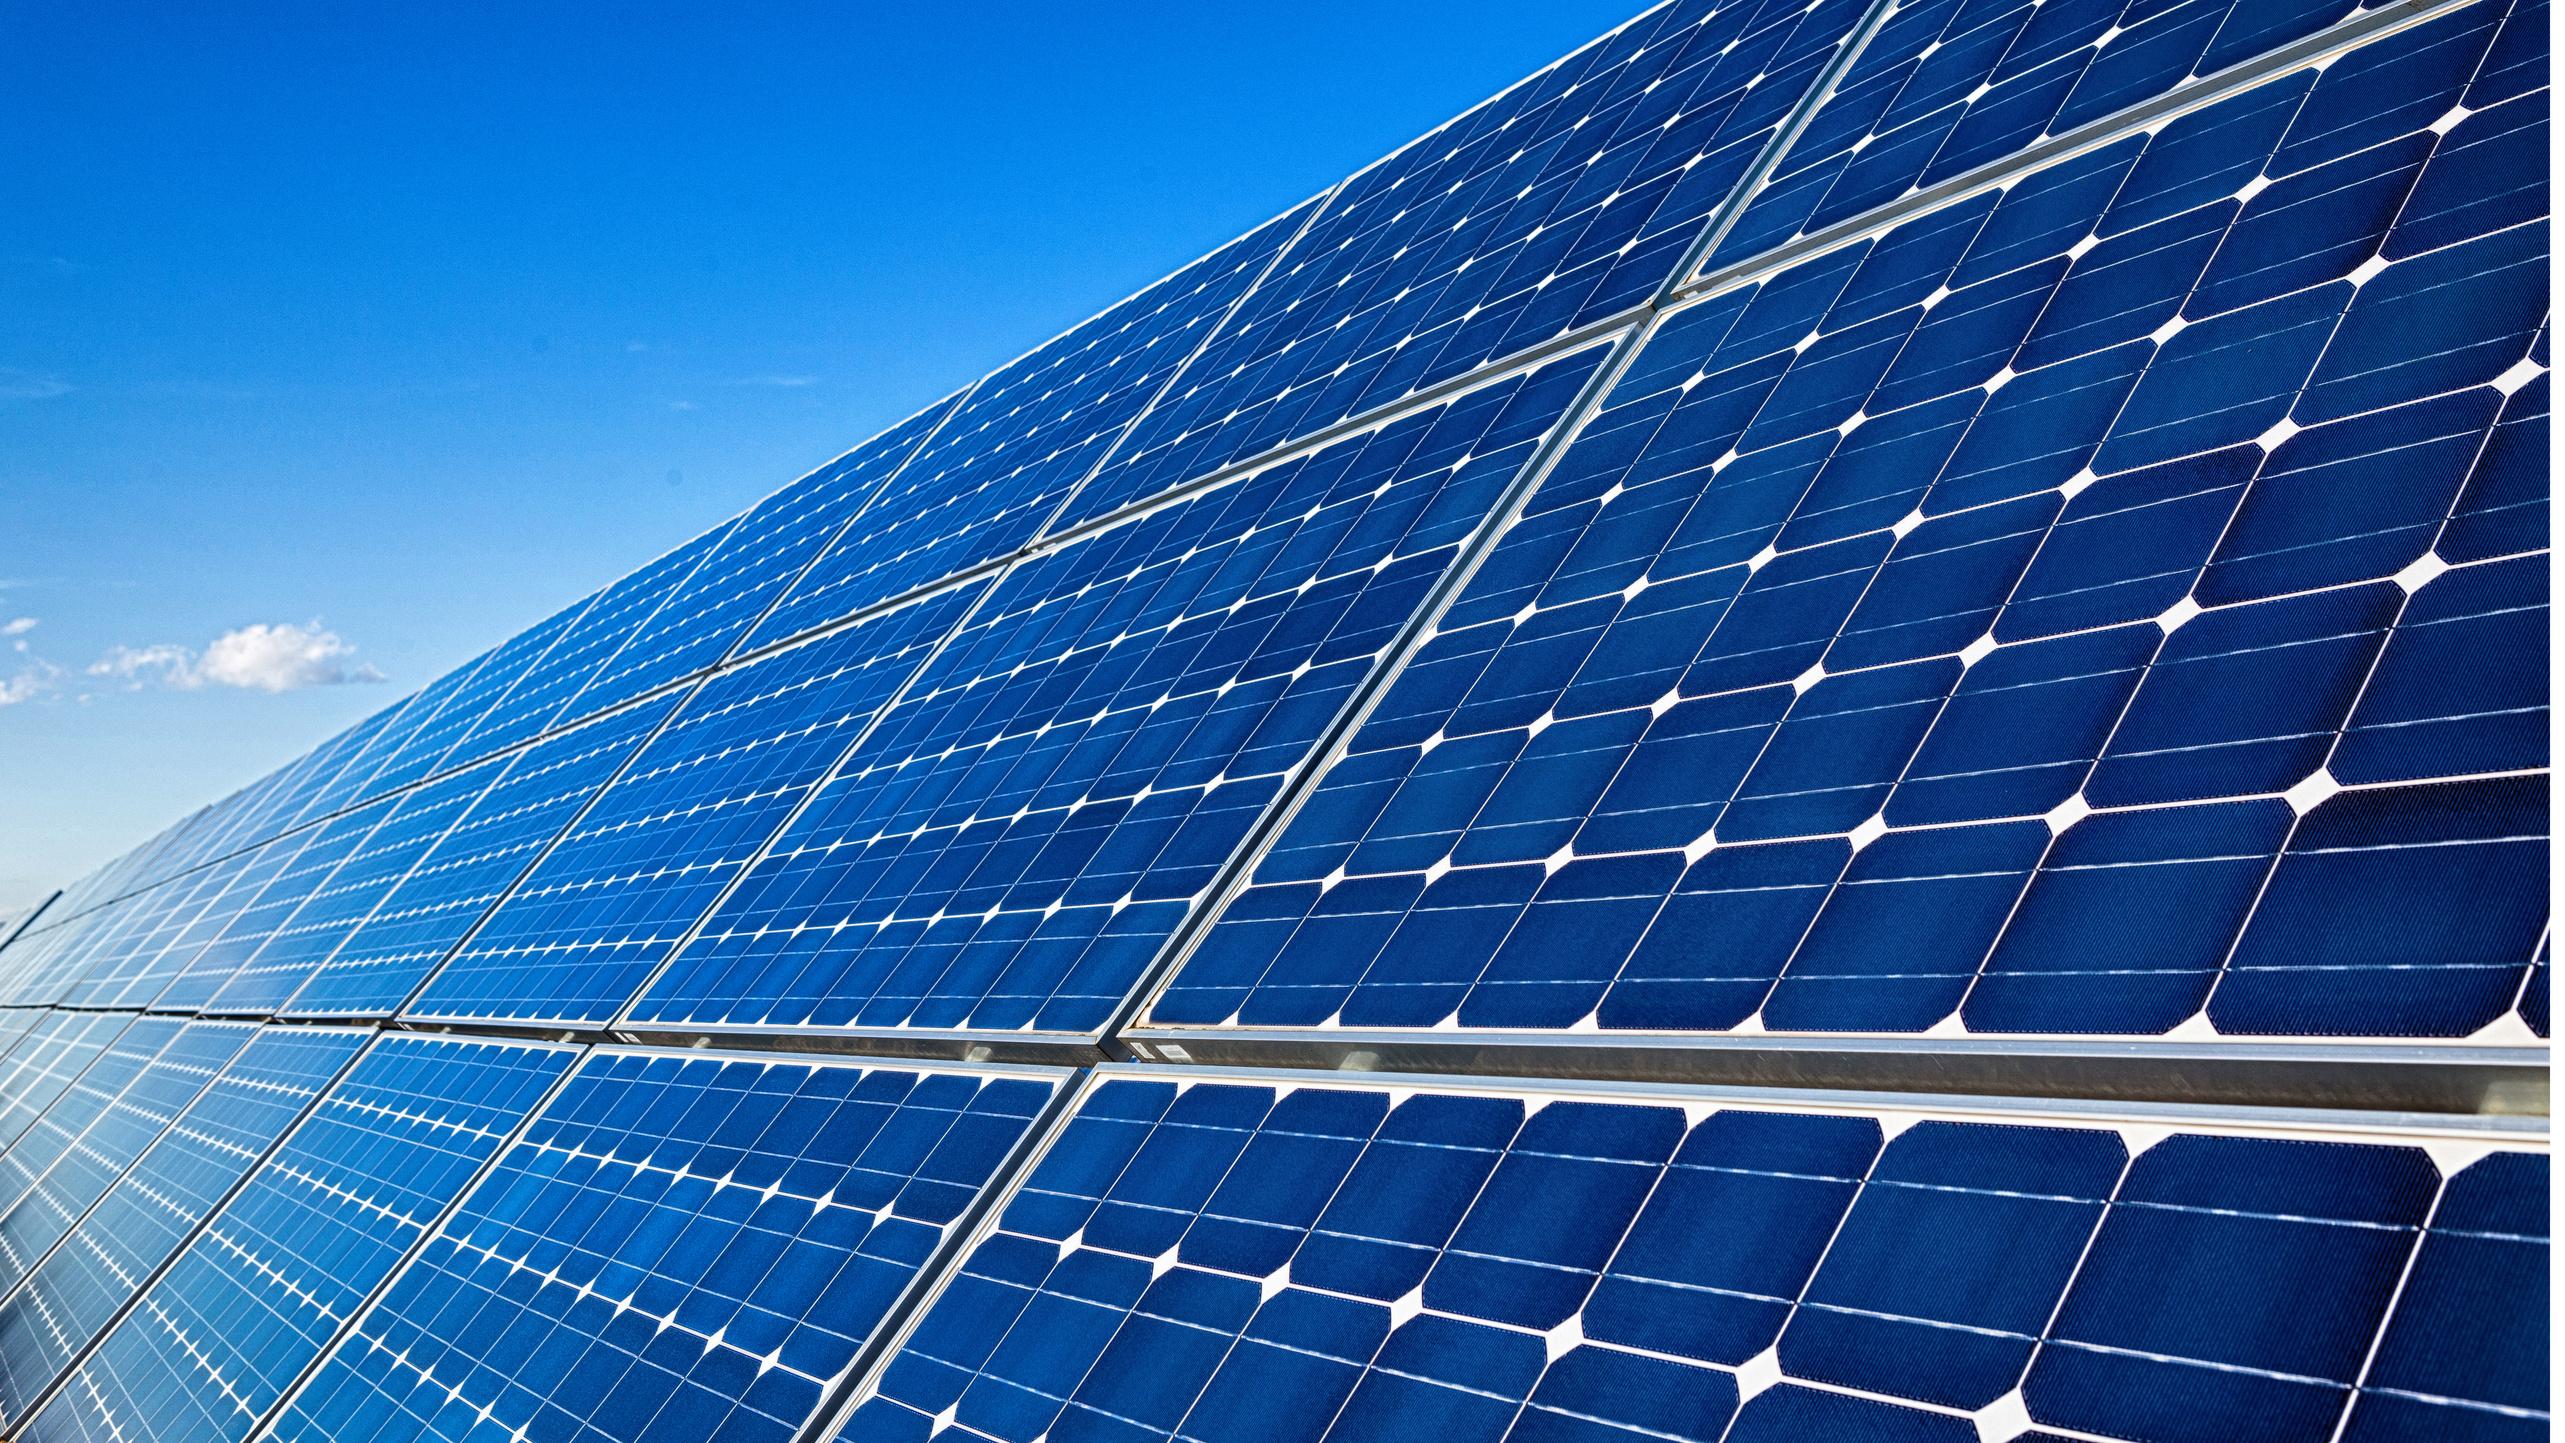 Photovoltaik-Anlage mit Himmel im Hintergrund